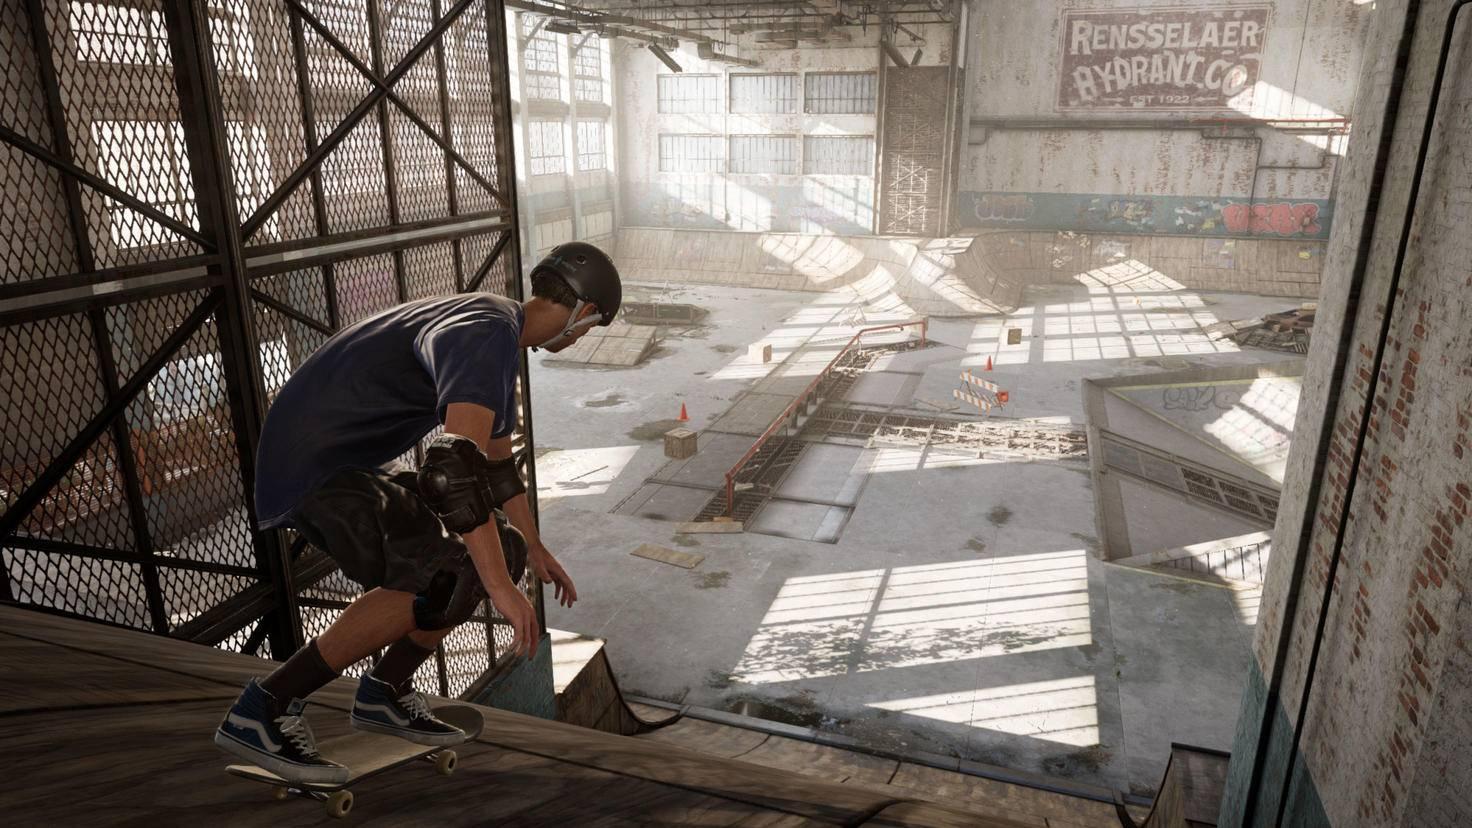 Tony-Hawks-Pro-Skater-1+2-warehouse